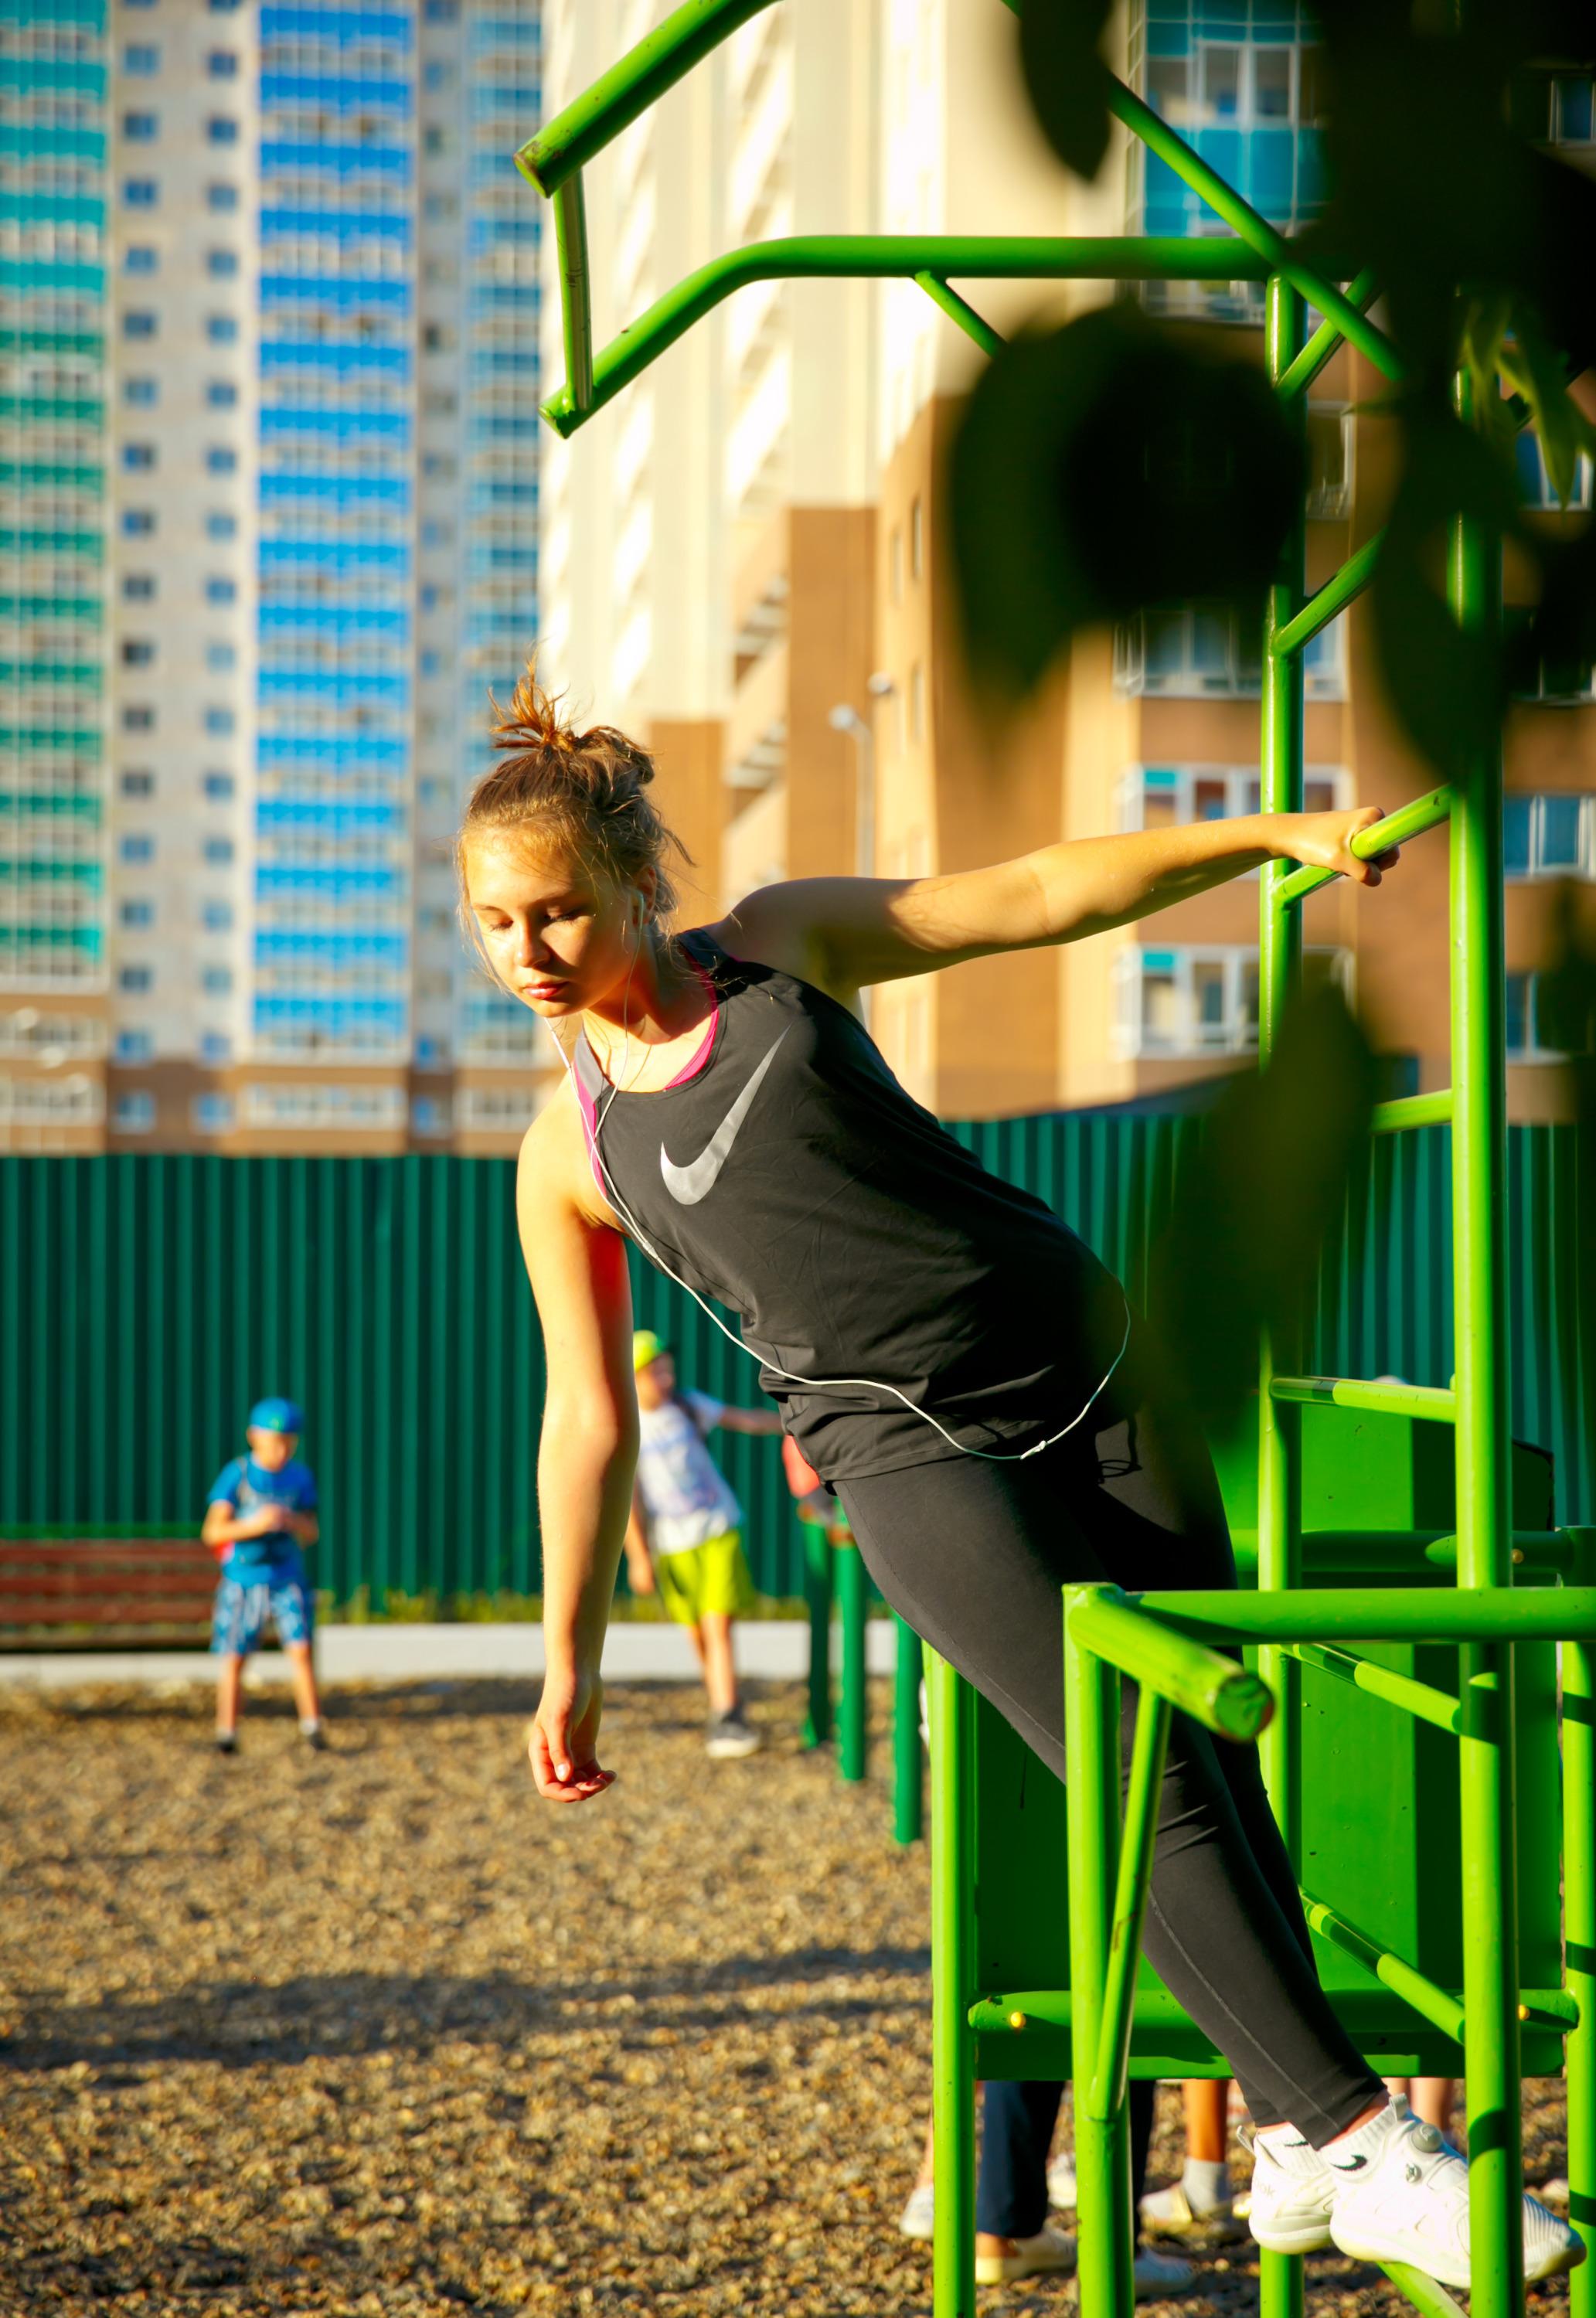 Жители «Миллениума» смогут развивать спортивные таланты и творческие способности детей рядом с домом